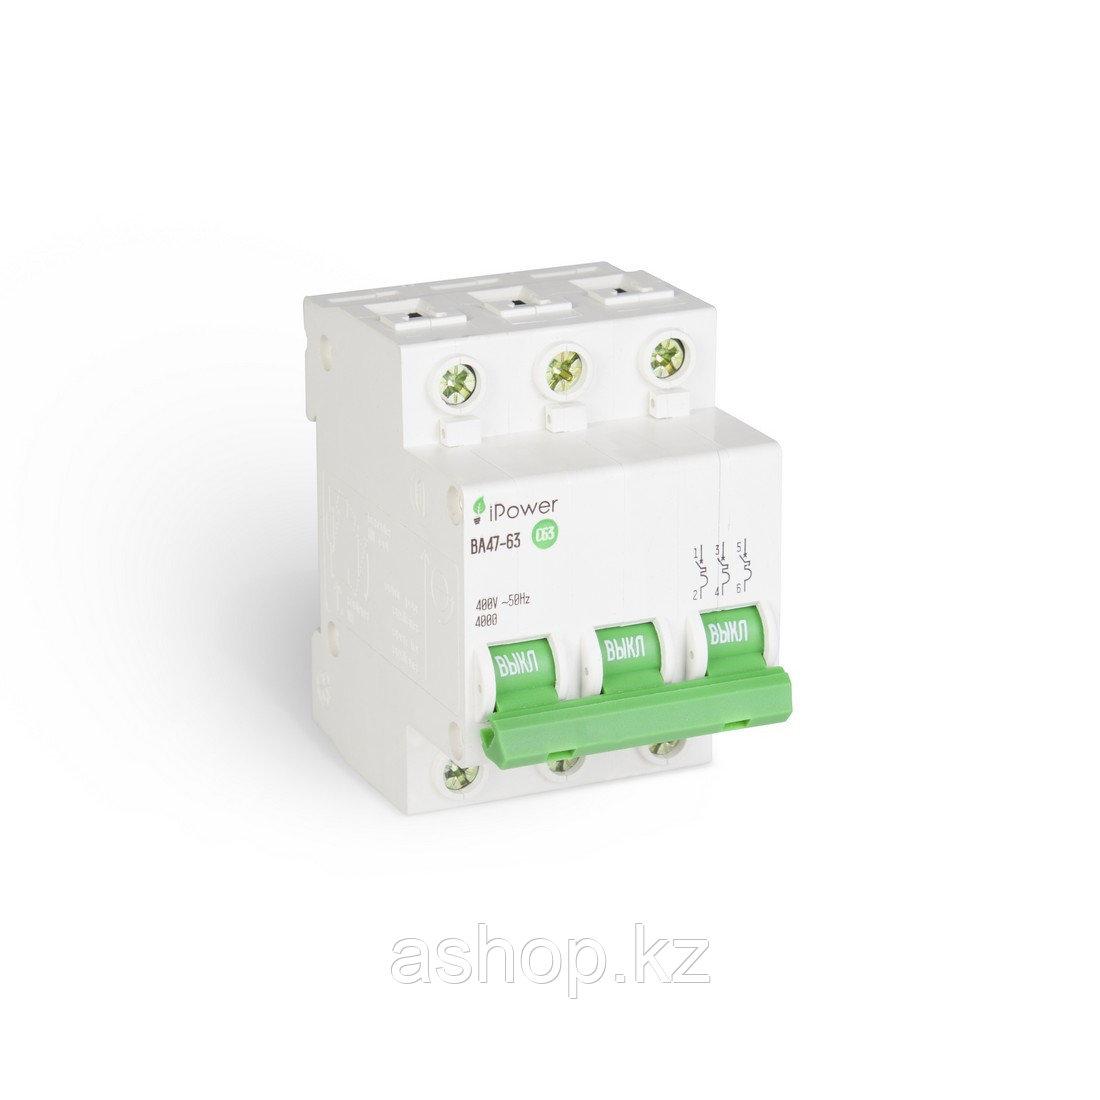 Автоматический выключатель реечный iPower ВА47-63 3P 50А, 230/400 В, Кол-во полюсов: 3, Предел отключения: 4,5